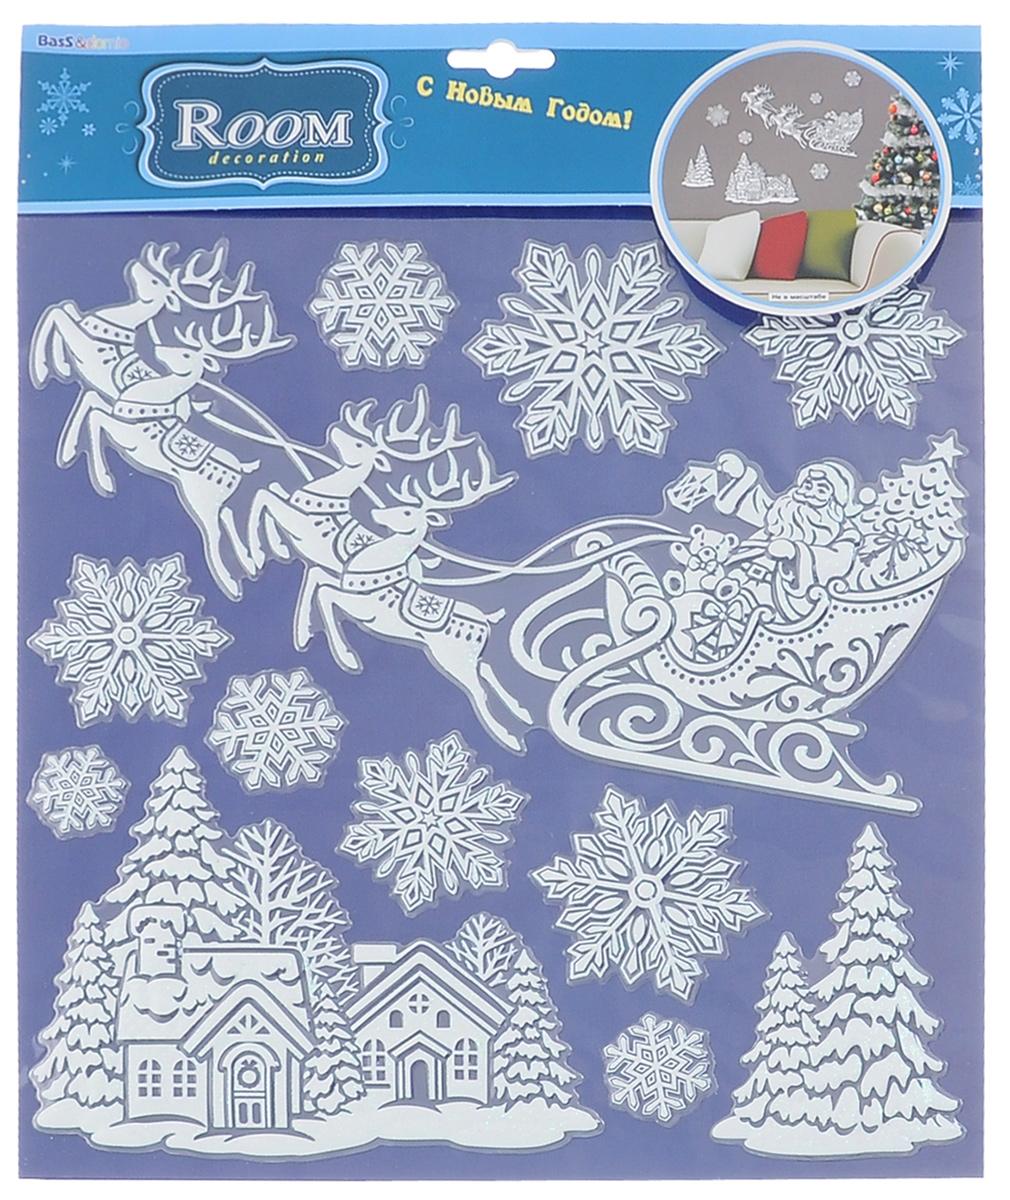 Наклейки для интерьера Room Decoration Спешащий Дед Мороз, объемныеTHN132NНаклейки для стен и предметов интерьера Room Decoration Спешащий Дед Мороз, изготовленные из самоклеящейся виниловой пленки, помогут украсить дом к предстоящим праздникам. Наклейки дадут вам вдохновение, которое изменит вашу жизнь и поможет погрузиться в мир ярких красок, фантазий и творчества. Для вас открываются безграничные возможности придумать оригинальный дизайн и придать новый вид стенам и мебели. Наклейки абсолютно безопасны для здоровья. Они быстро и легко наклеиваются на любые ровные поверхности: стены, окна, двери, стекла, мебель. При необходимости удобно снимаются, не оставляют следов. Наклейки Room Decoration Спешащий Дед Мороз помогут вам изменить интерьер вокруг себя: в детской комнате и гостиной, на кухне и в прихожей, витрину кафе и магазина, детский садик и офис.Размер листа: 30,5 см х 31,5 см.Количество наклеек на листе: 12 шт.Размер самой большой наклейки: 29 см х 16 см.Размер самой маленькой наклейки: 3,3 см х 3,3 см.